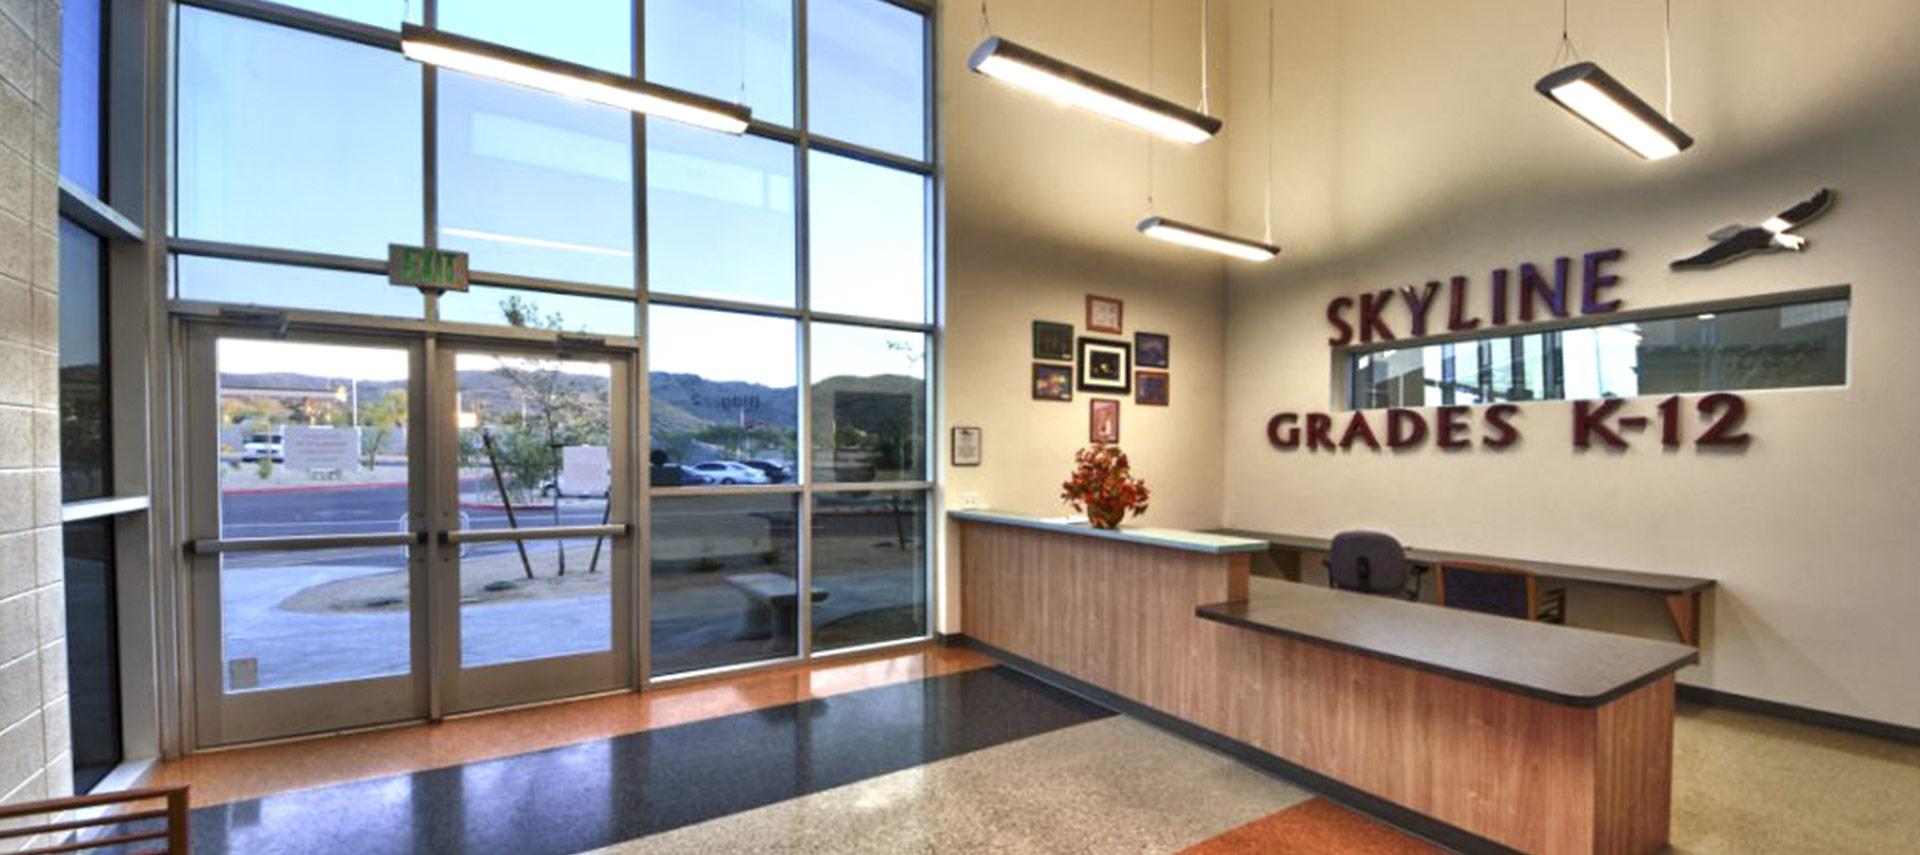 Exploring Public Charter Schools